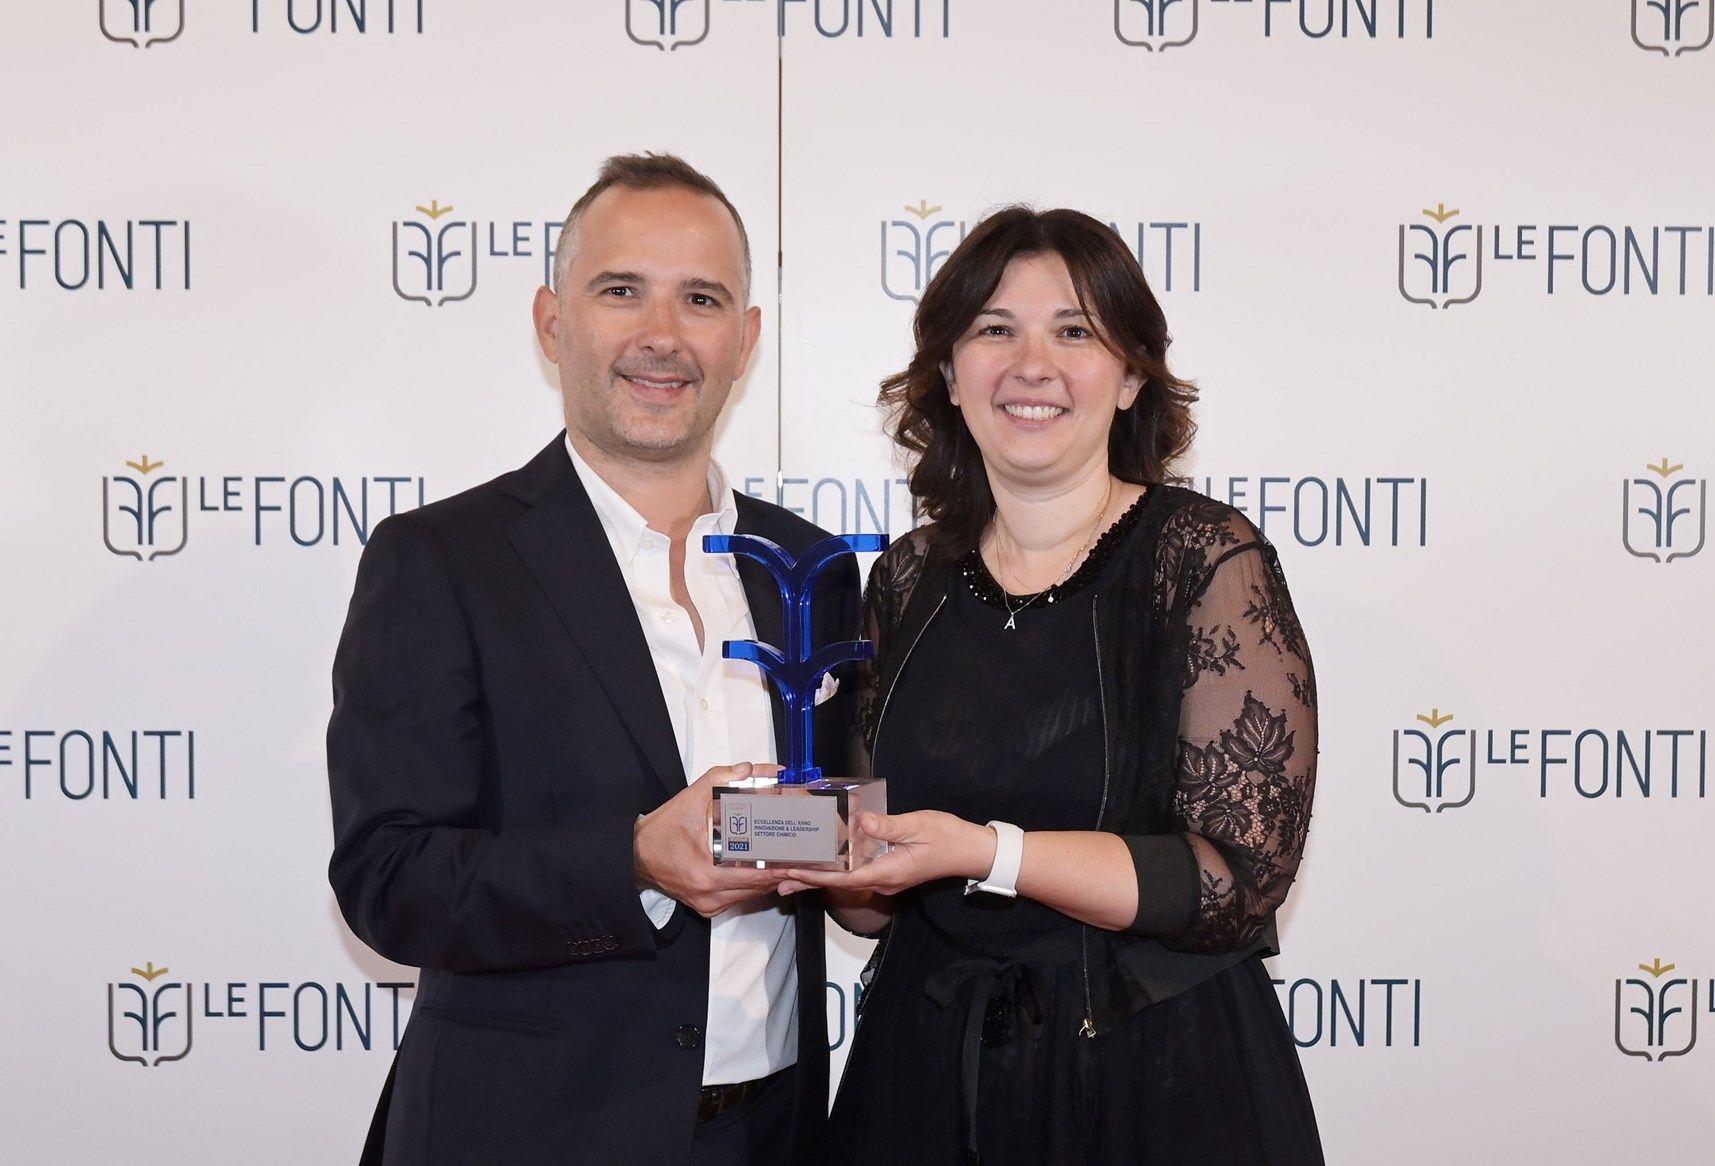 Le Fonti Awards premia FILA Solutions come 'Eccellenza dell'anno'